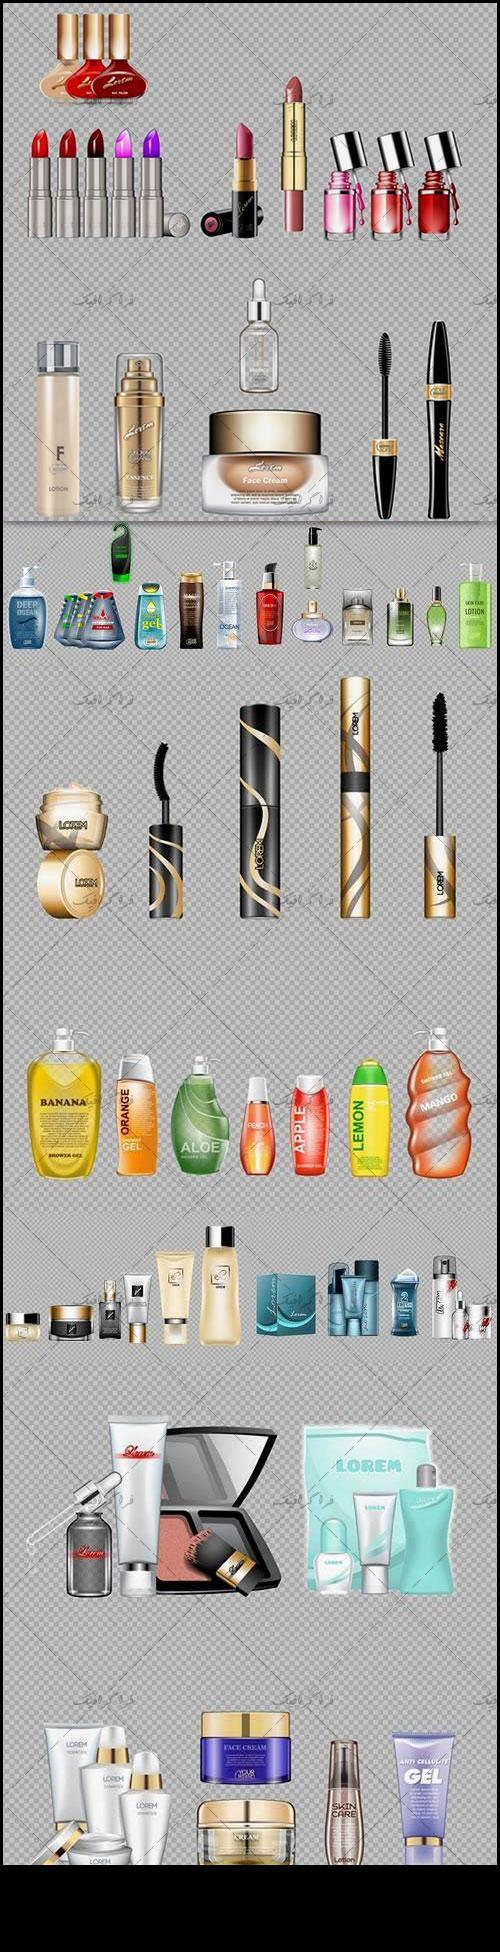 دانلود وکتور محصولات آرایشی و بهداشتی - شماره 2